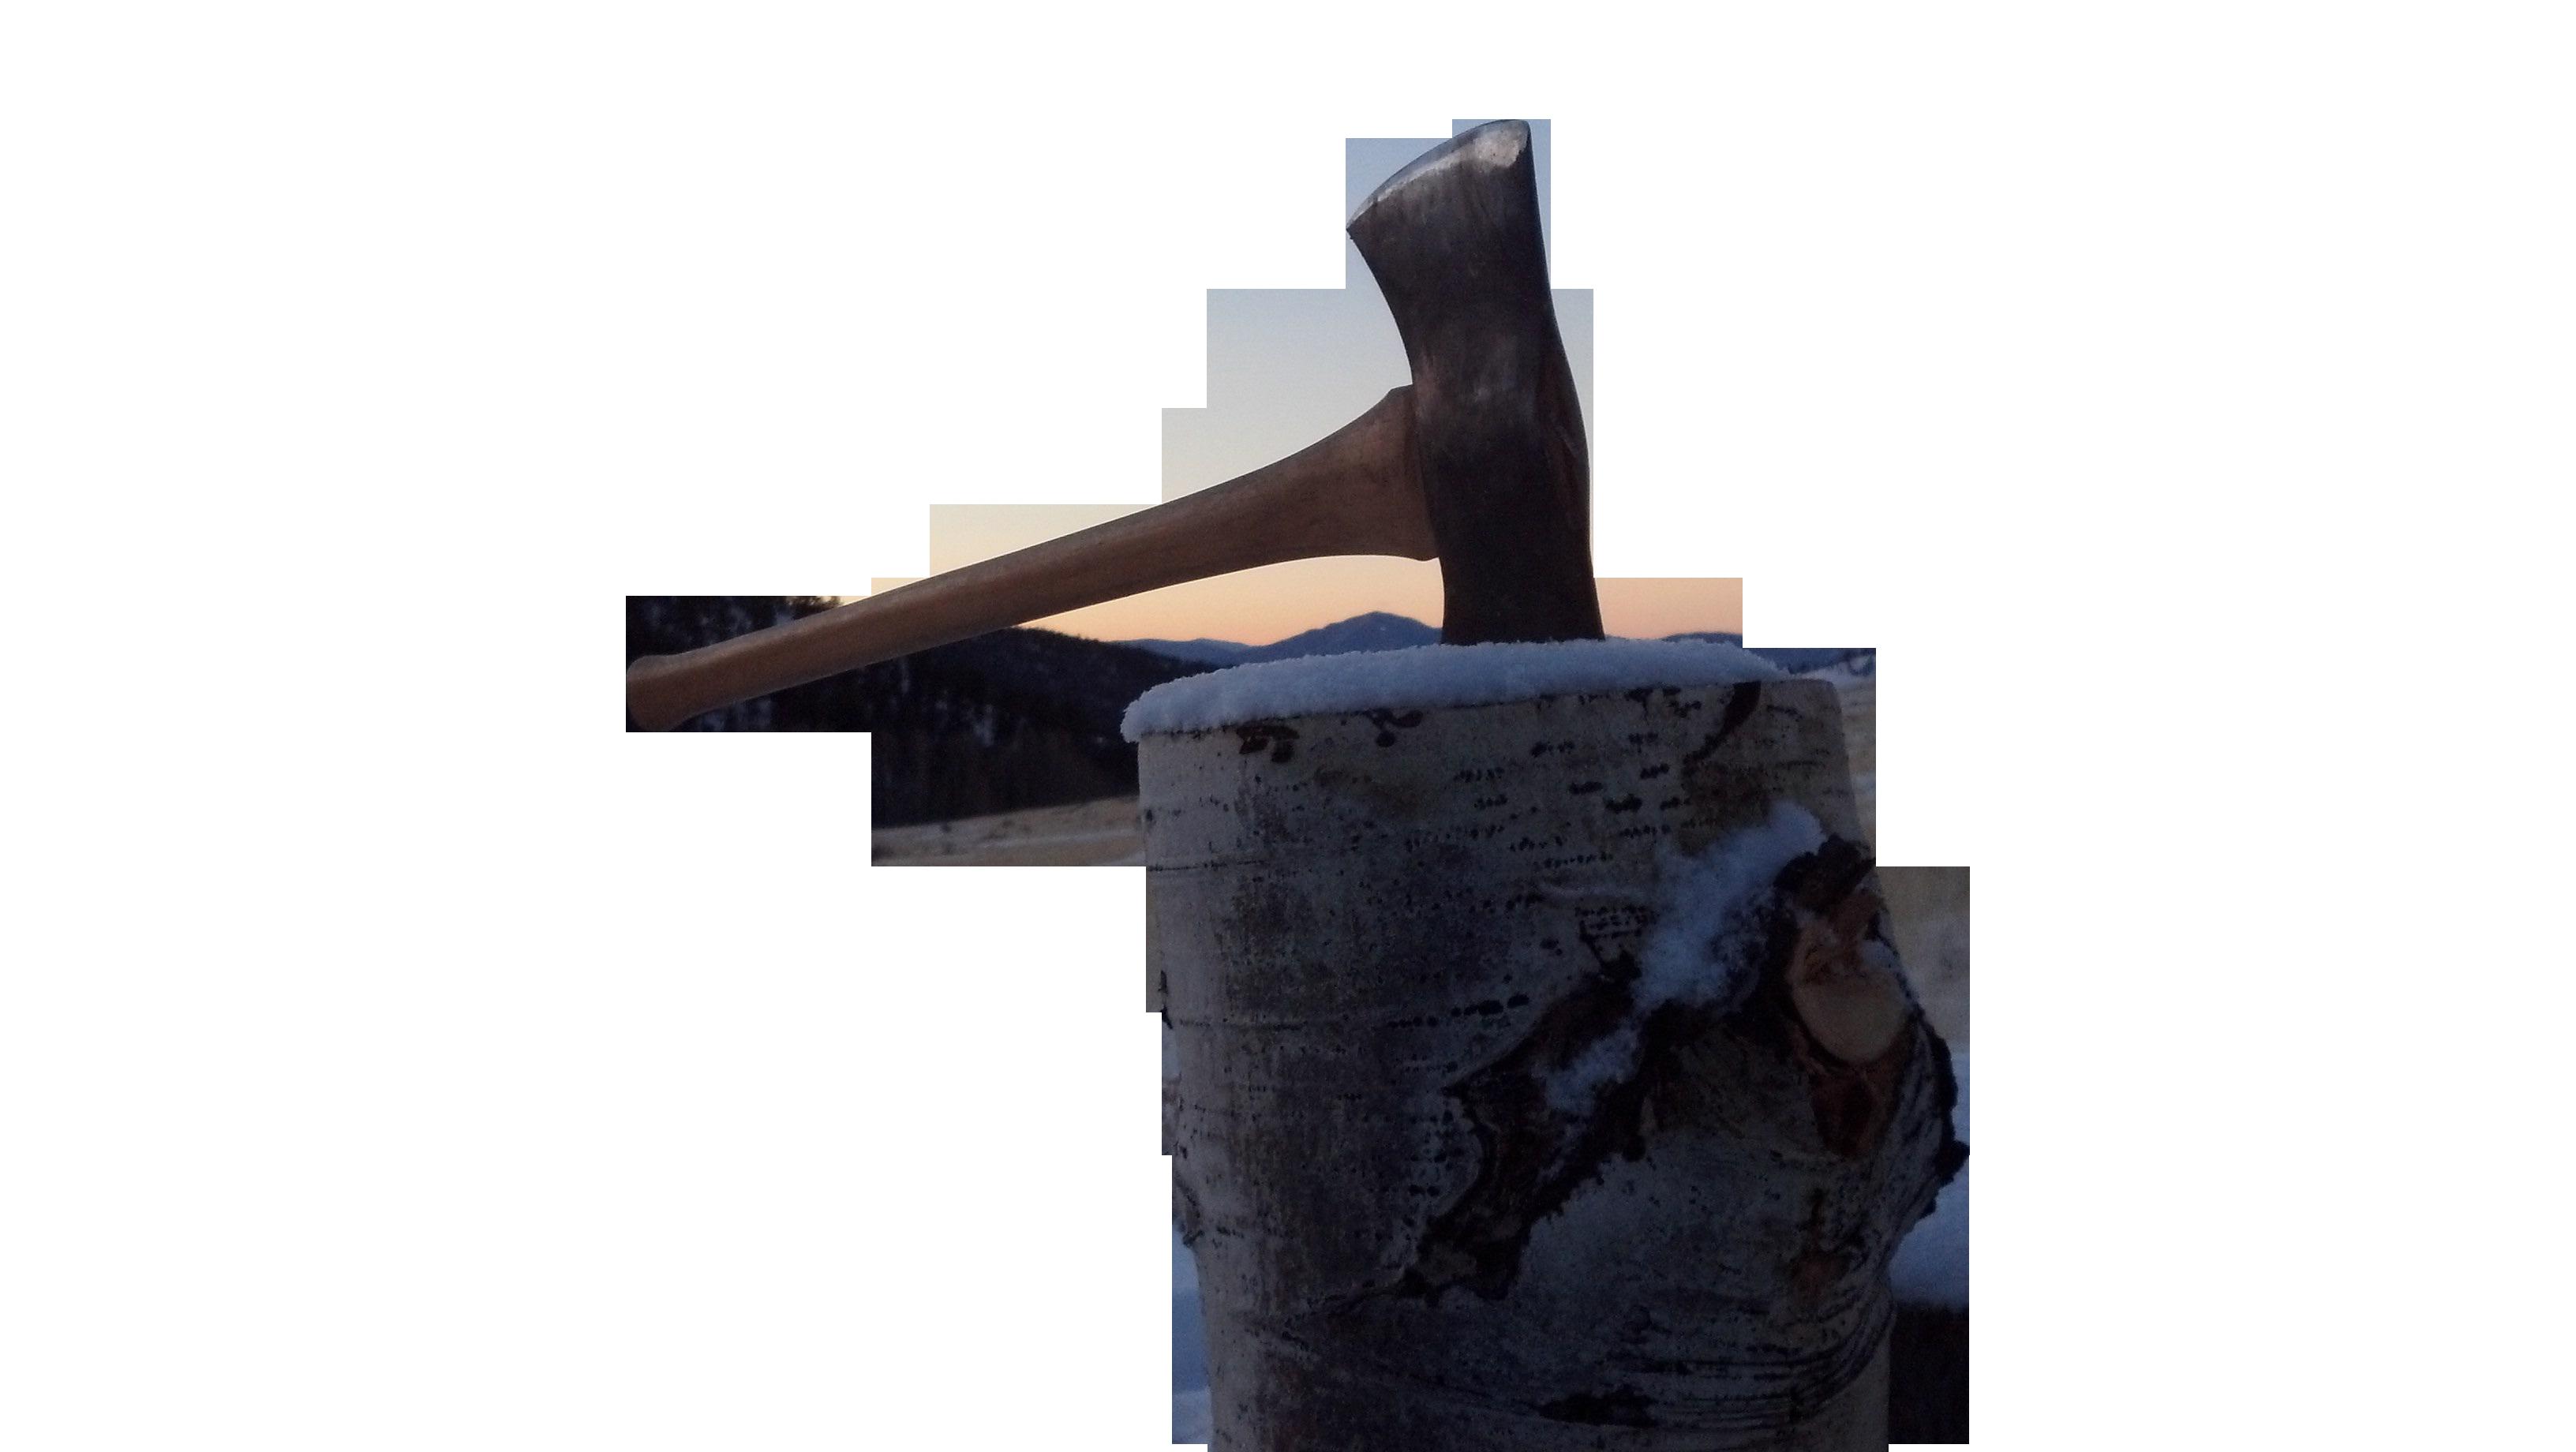 axe-616297_Clip